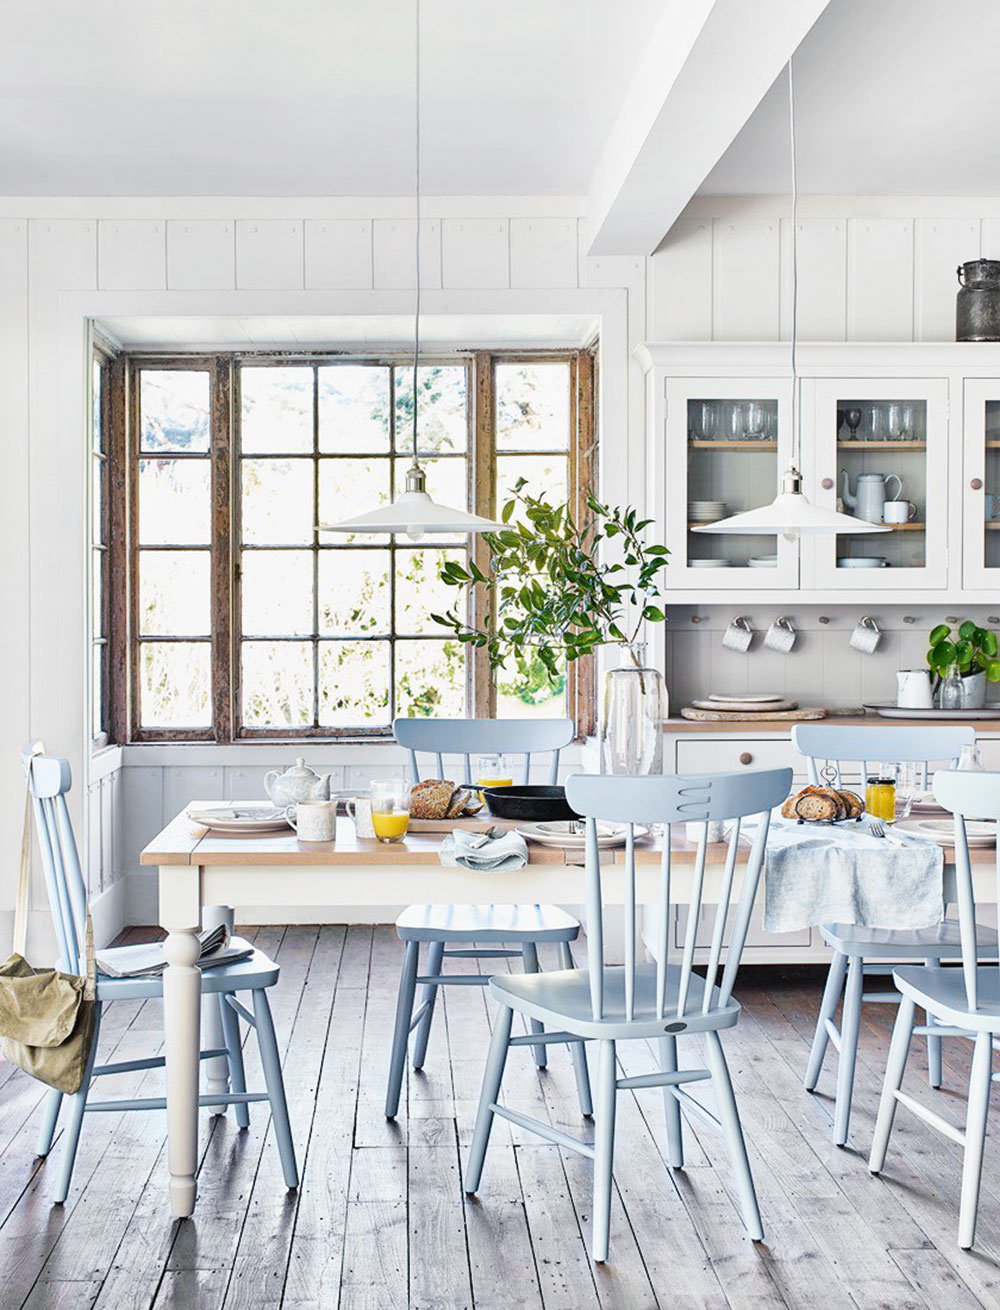 """SPOLOČNOSŤ. Bohémsky štýl si priam vyžaduje priestor, kde sa dá usporiadať pohostenie pre celý okruh známych. Ideálna príležitosť je napríklad spoločný """"brunch"""" – neskoré raňajky."""